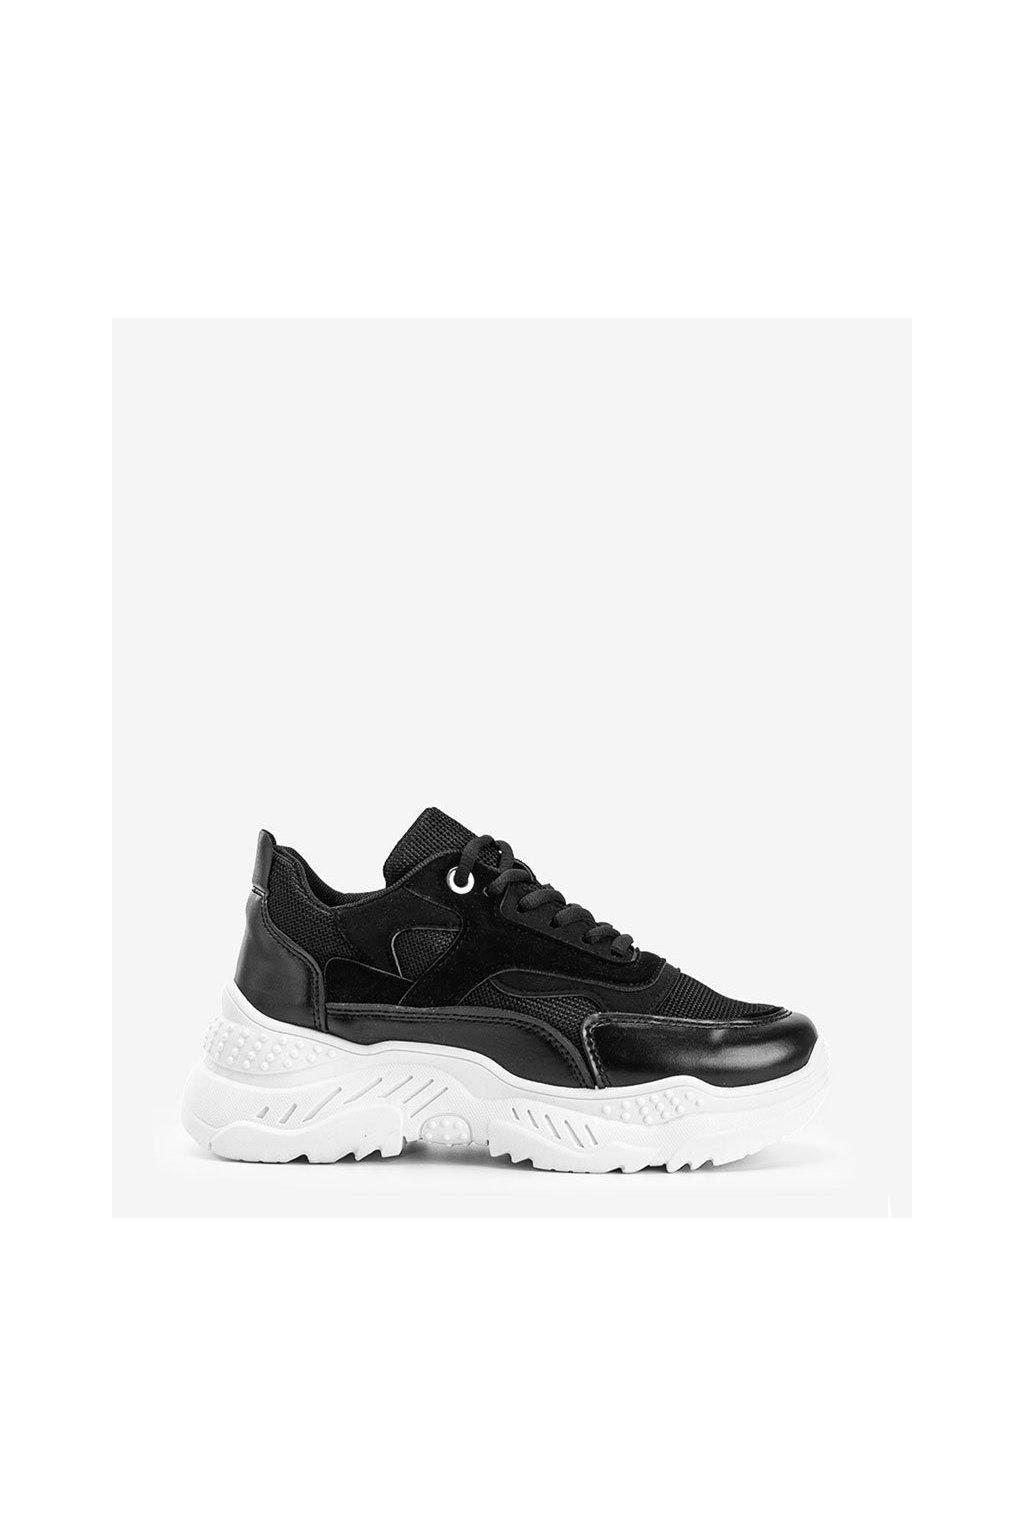 Dámske topánky tenisky čierne kód M3005 - GM